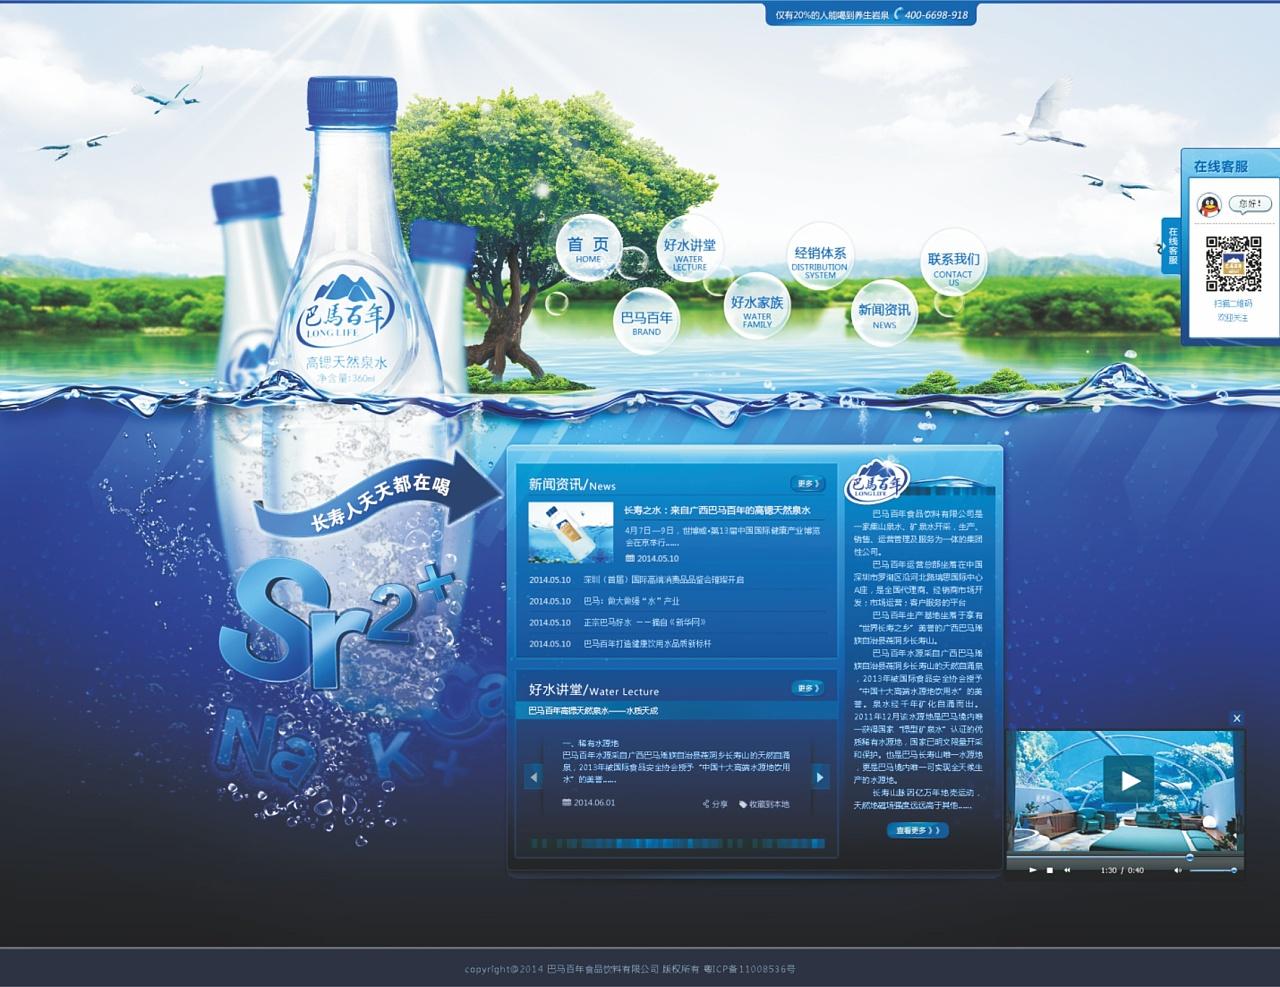 曾经服务过的一家饮品公司设计的东西,网页图片